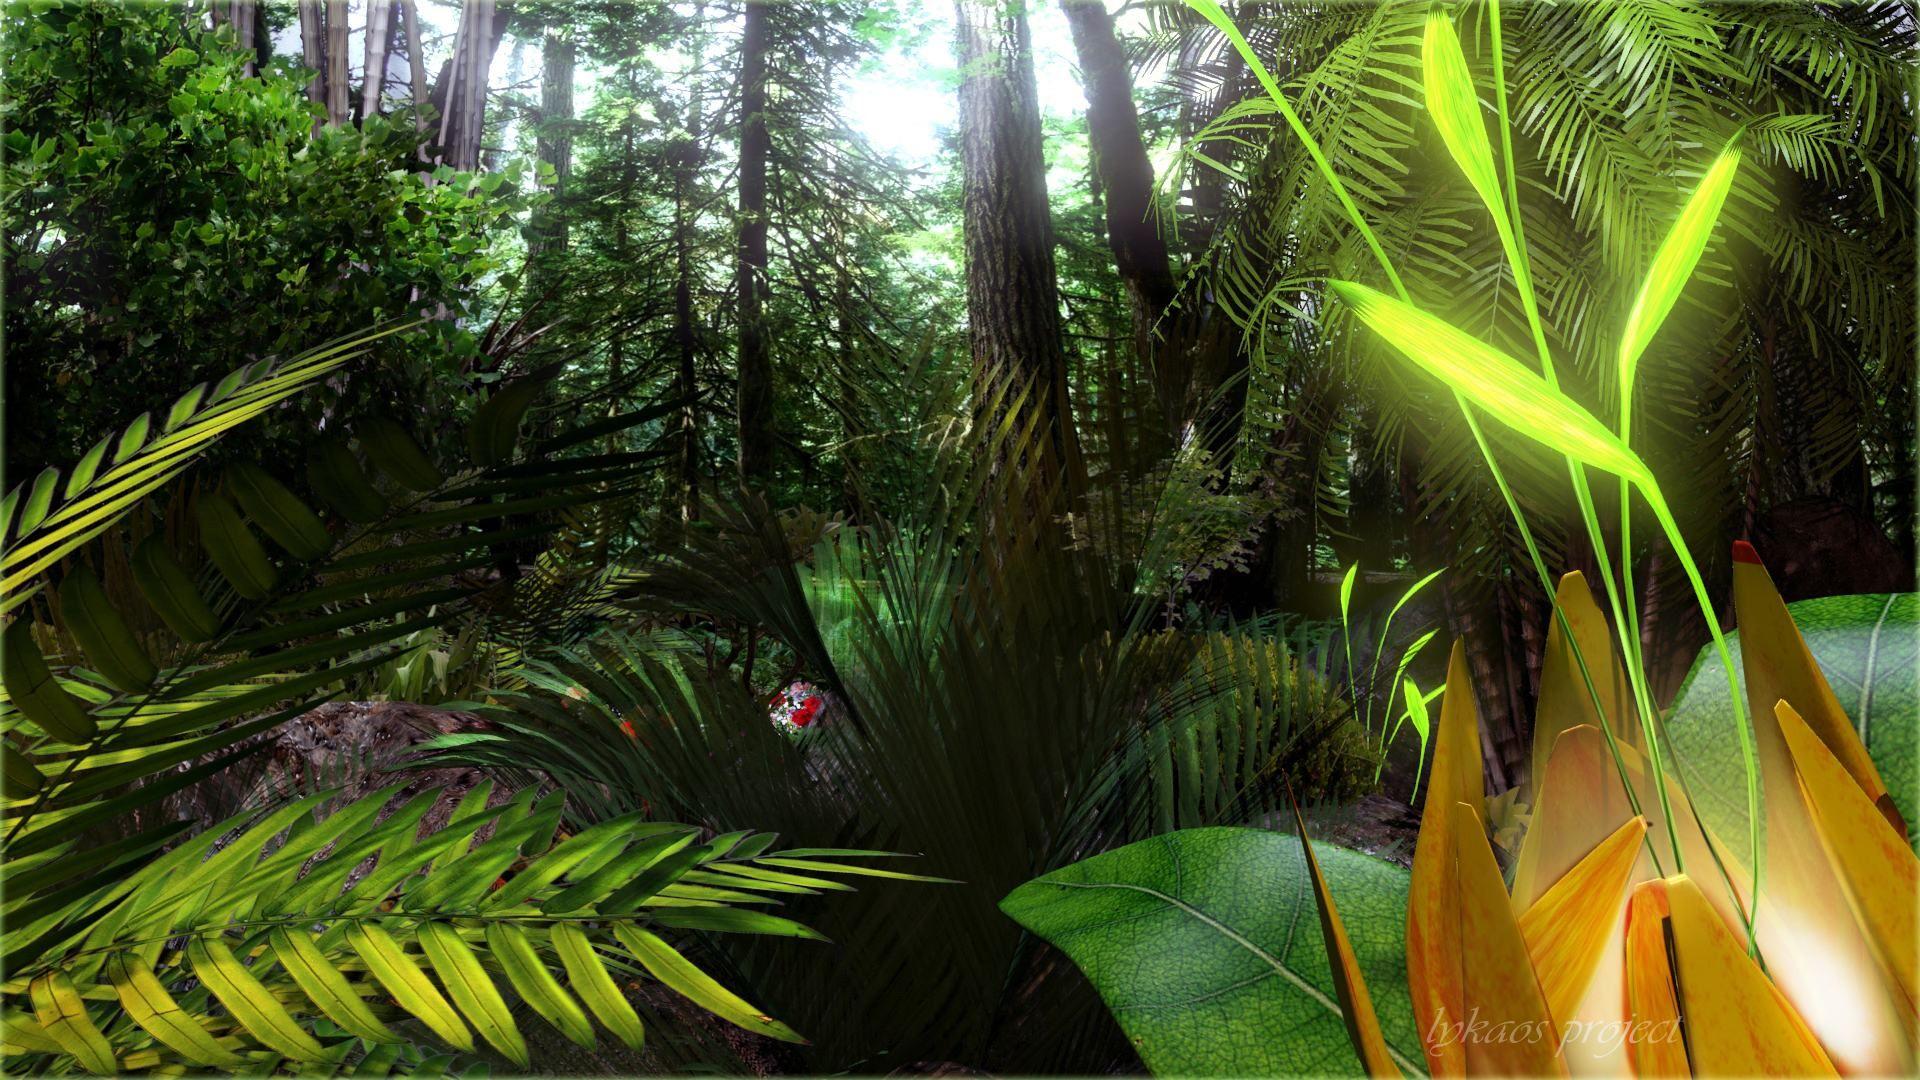 фото джунглей на рабочий стол внешнему описанию лист